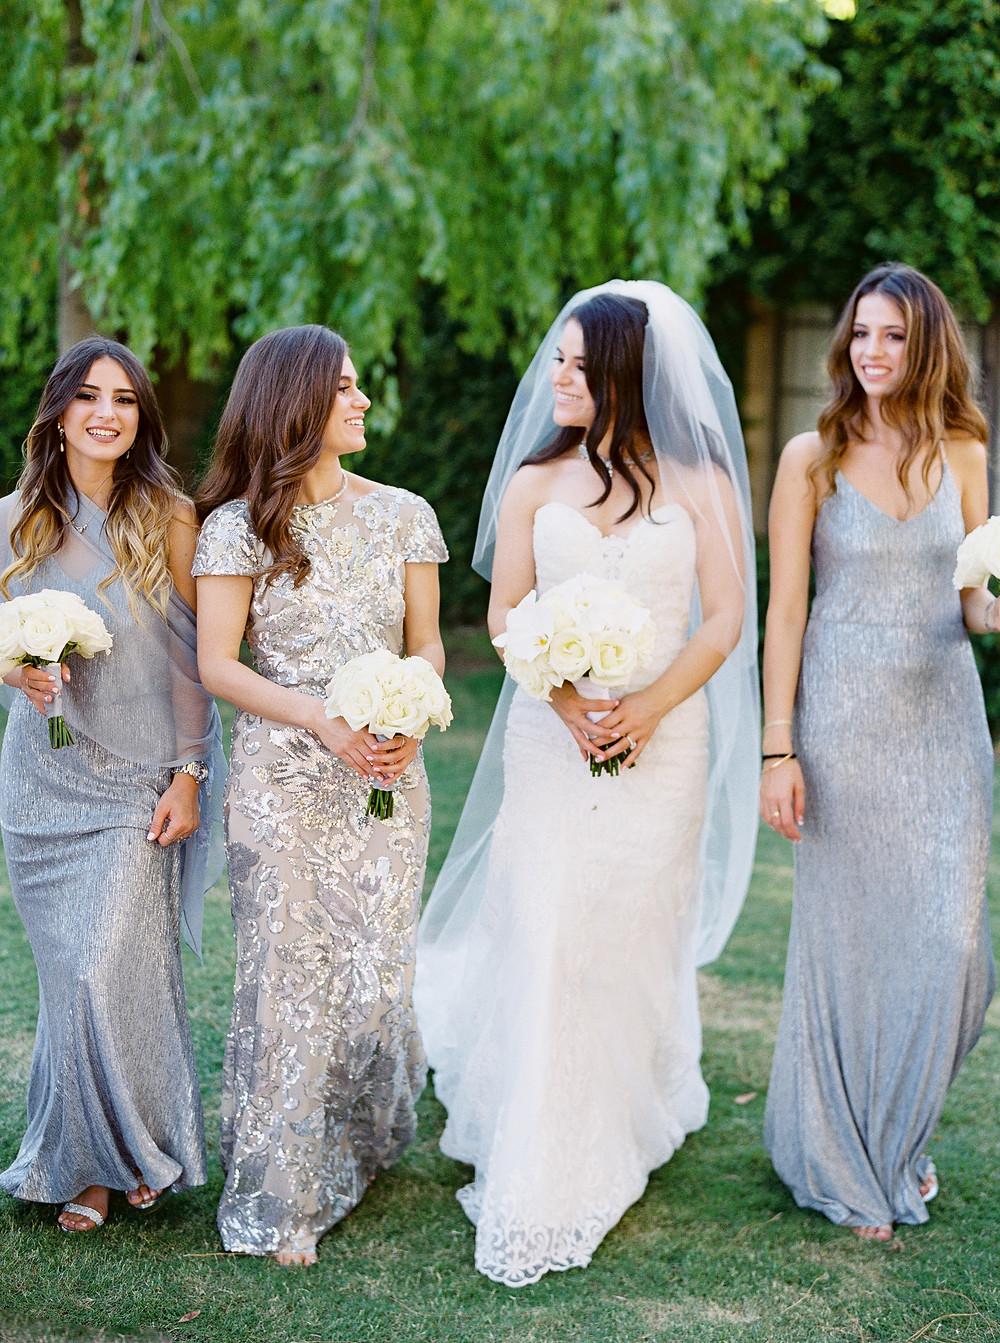 Arizona Biltmore Classic White Wedding, Bridesmaids